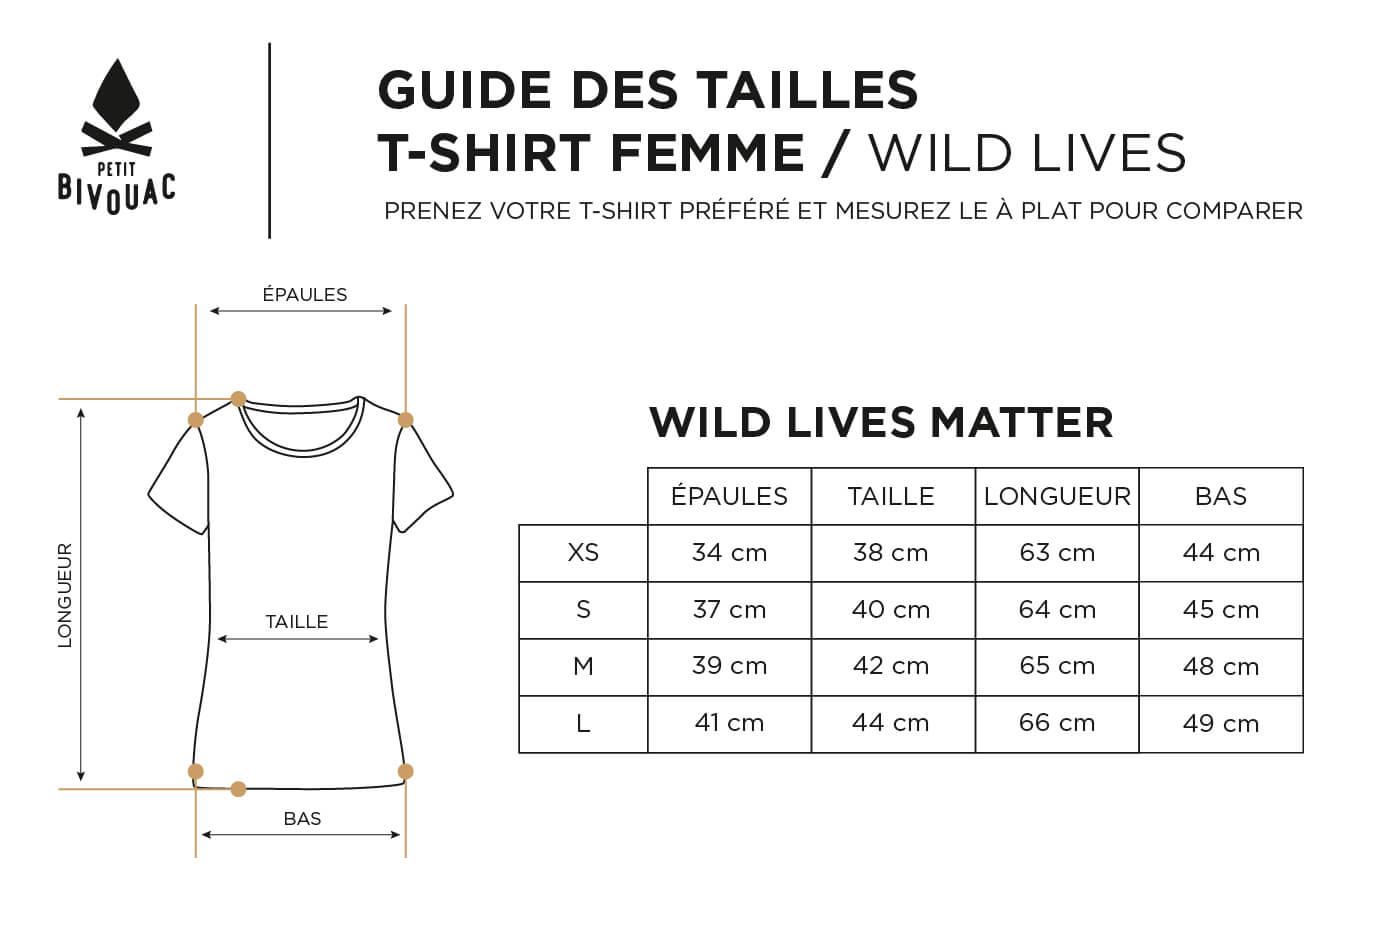 Guide des tailles-femme-Wild Lives-Petit Bivouac